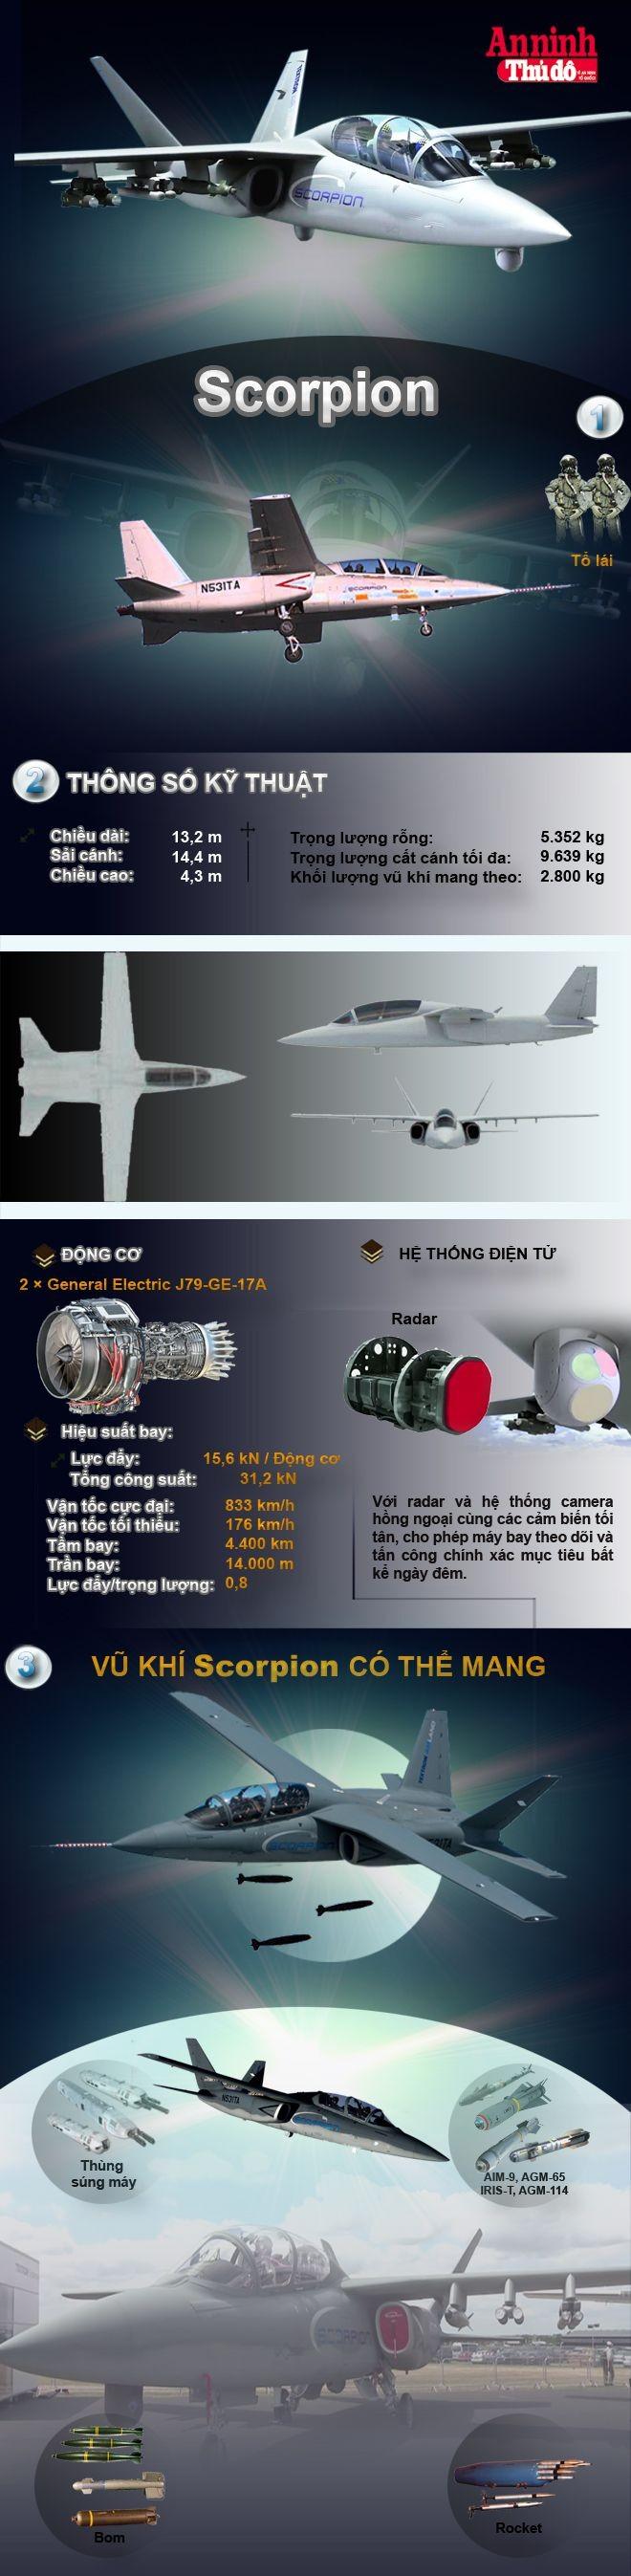 [Infographic] Bọ cạp chúa Scorpion-Kẻ thế chân nguy hiểm của cường kích lợn lòi A-10